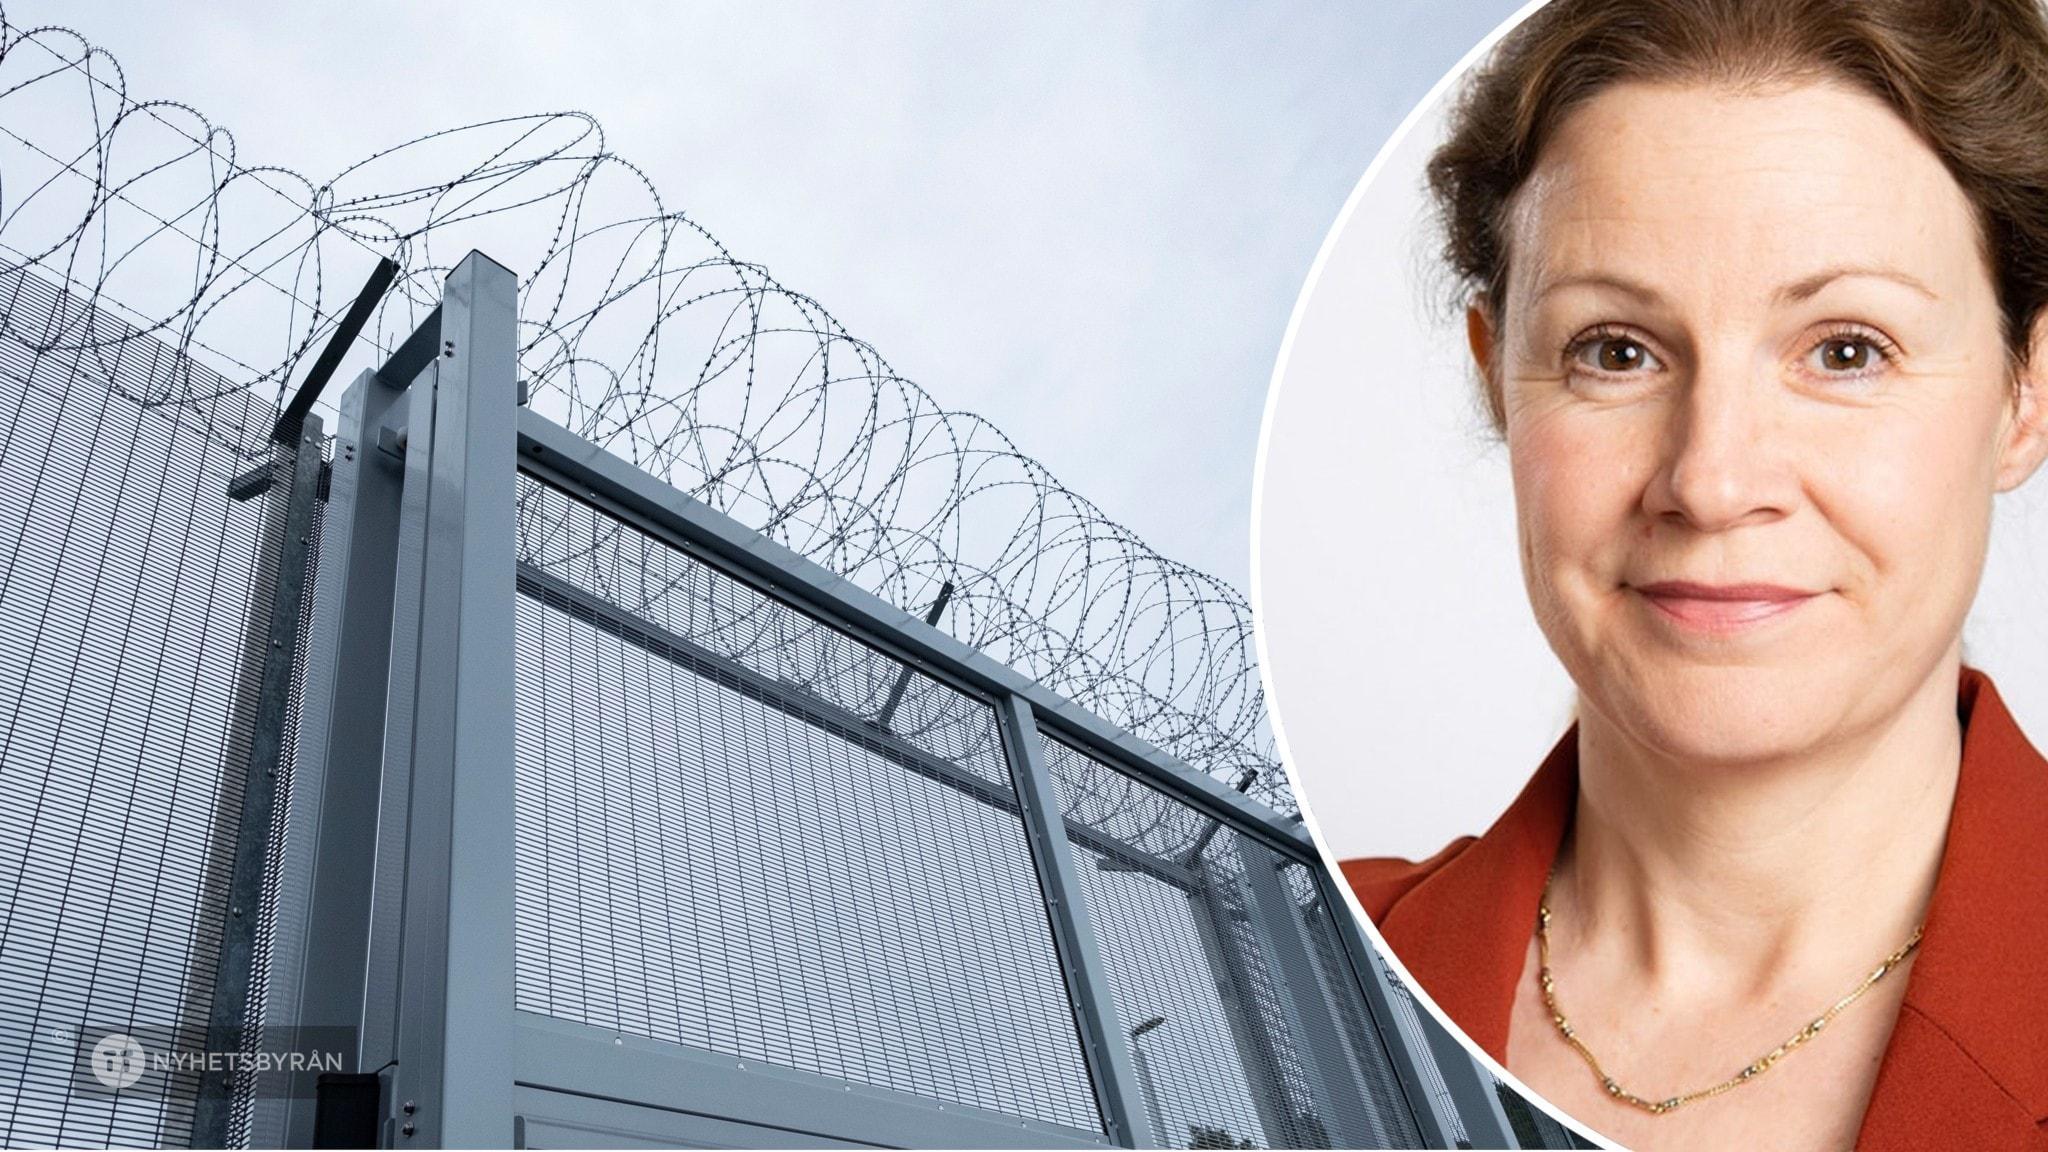 På det stora fotot syns en fängelsemur med taggtråd. Det andra är ett porträtt av Christina Heilborn.